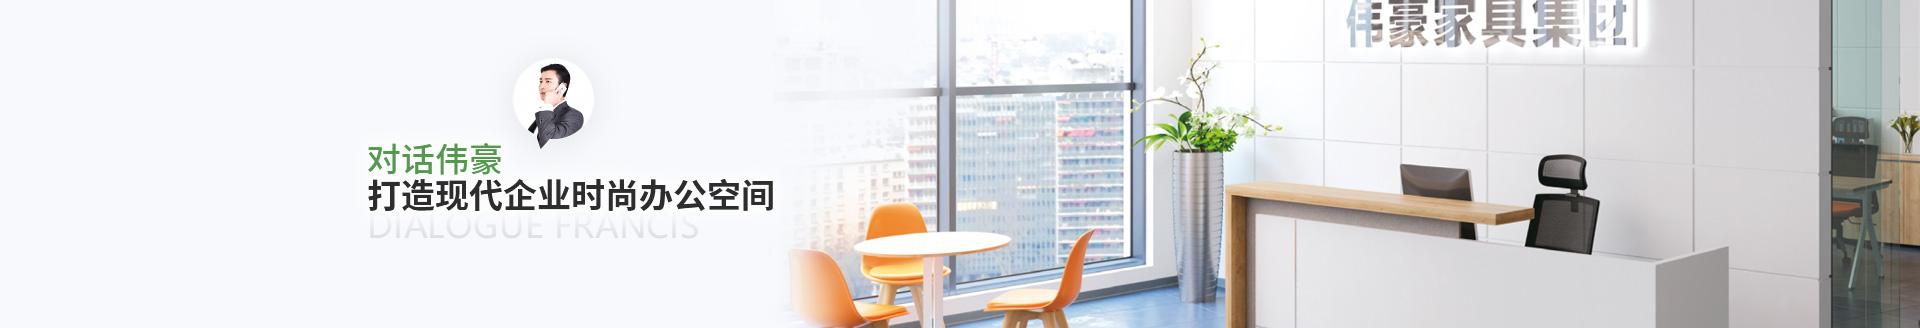 伟豪家具打造现代企业时尚办公空间